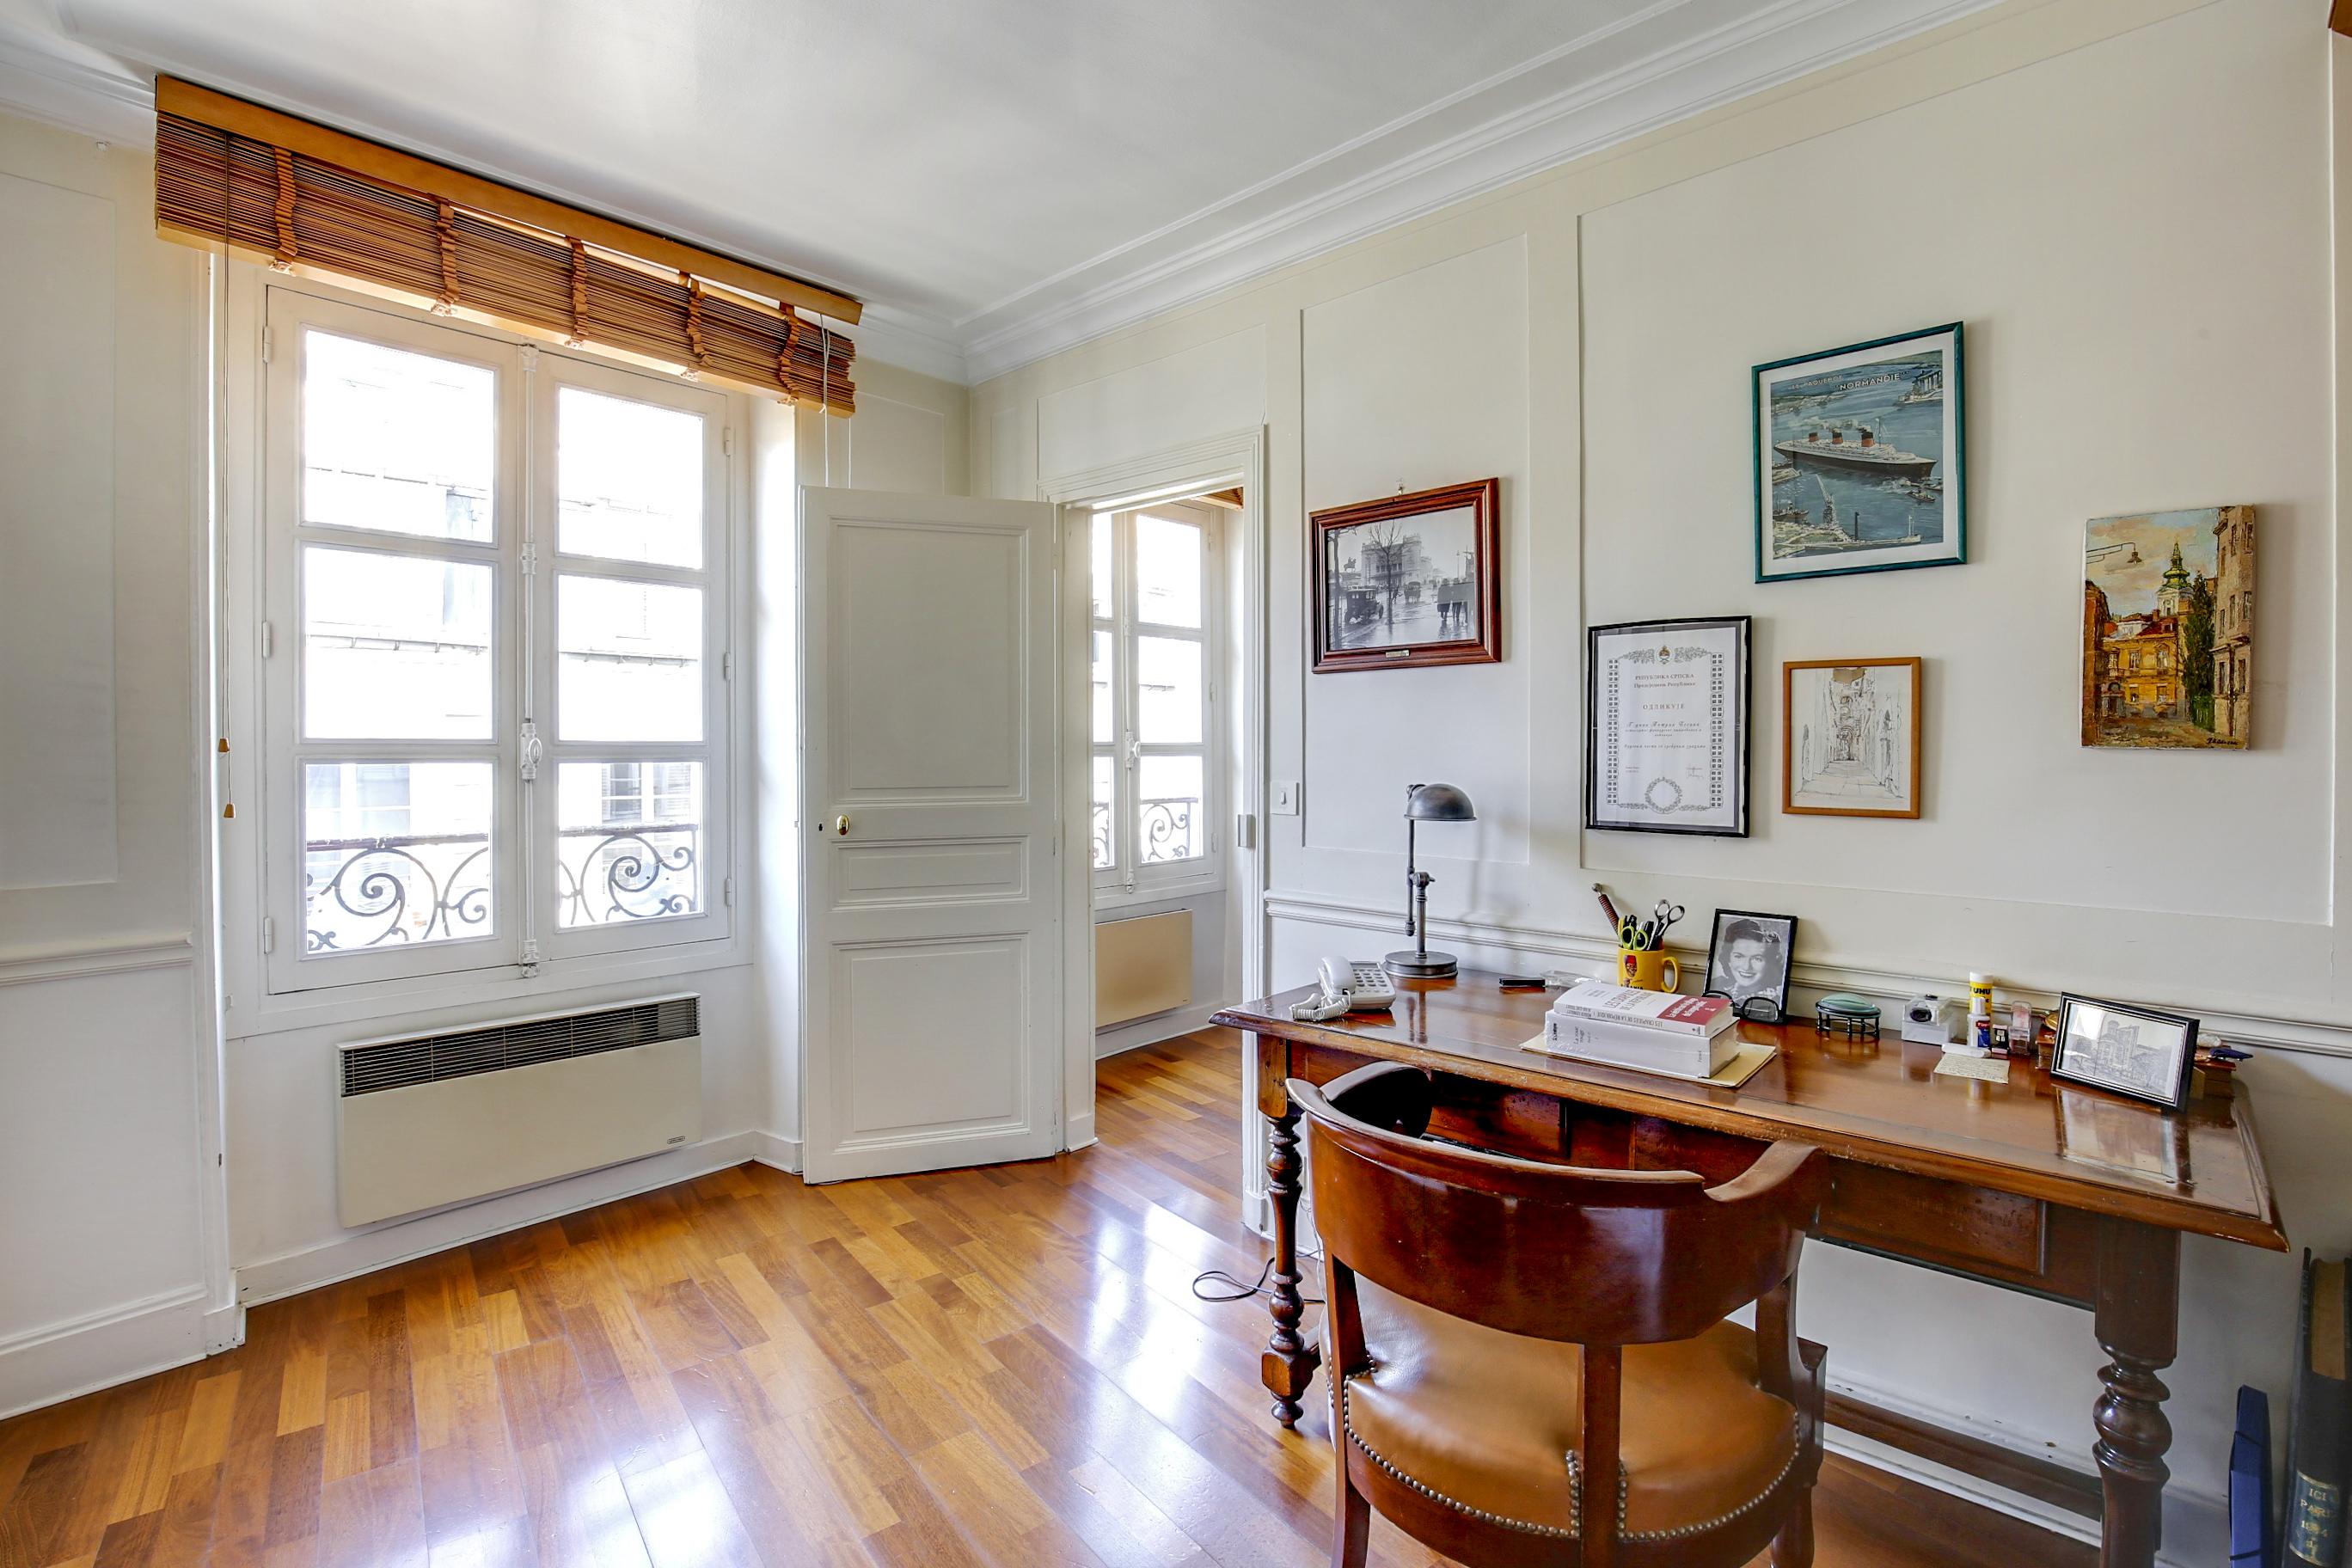 Agence-Leroy-Vente-2-pièces-rue-de-Bourgogne-75007-Paris-8010